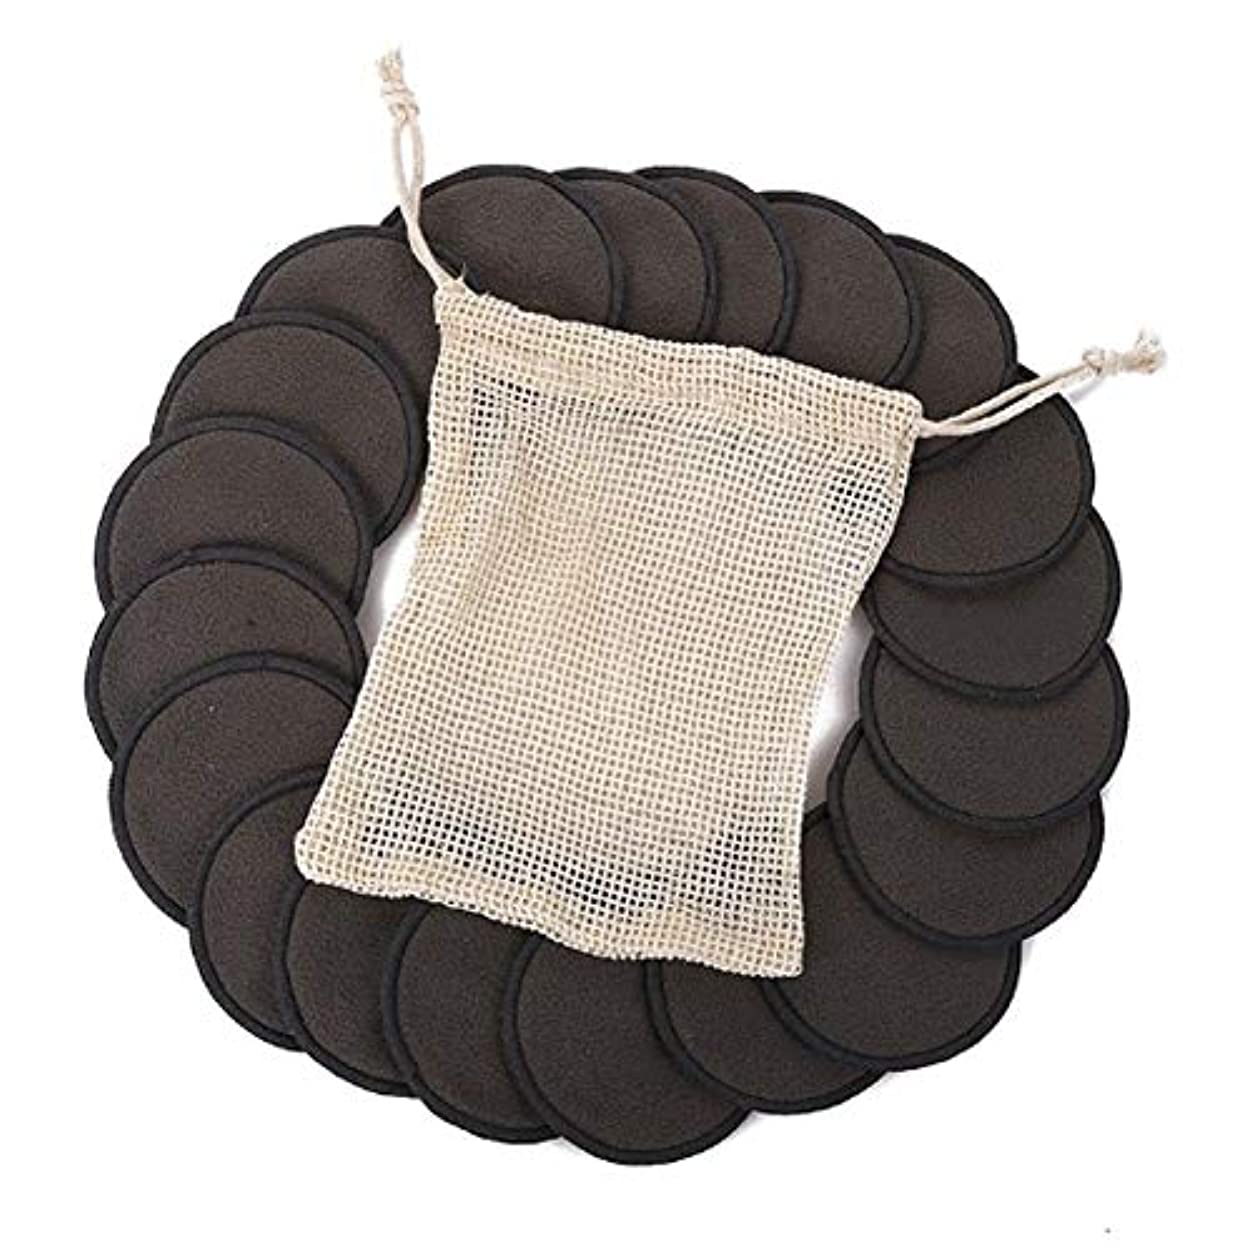 君主制こしょうそこ綿のパッド、顔の目のための12PCS構造の取り外しの綿のパッドの再使用可能なタケ繊維の洗濯できる円形のパッド